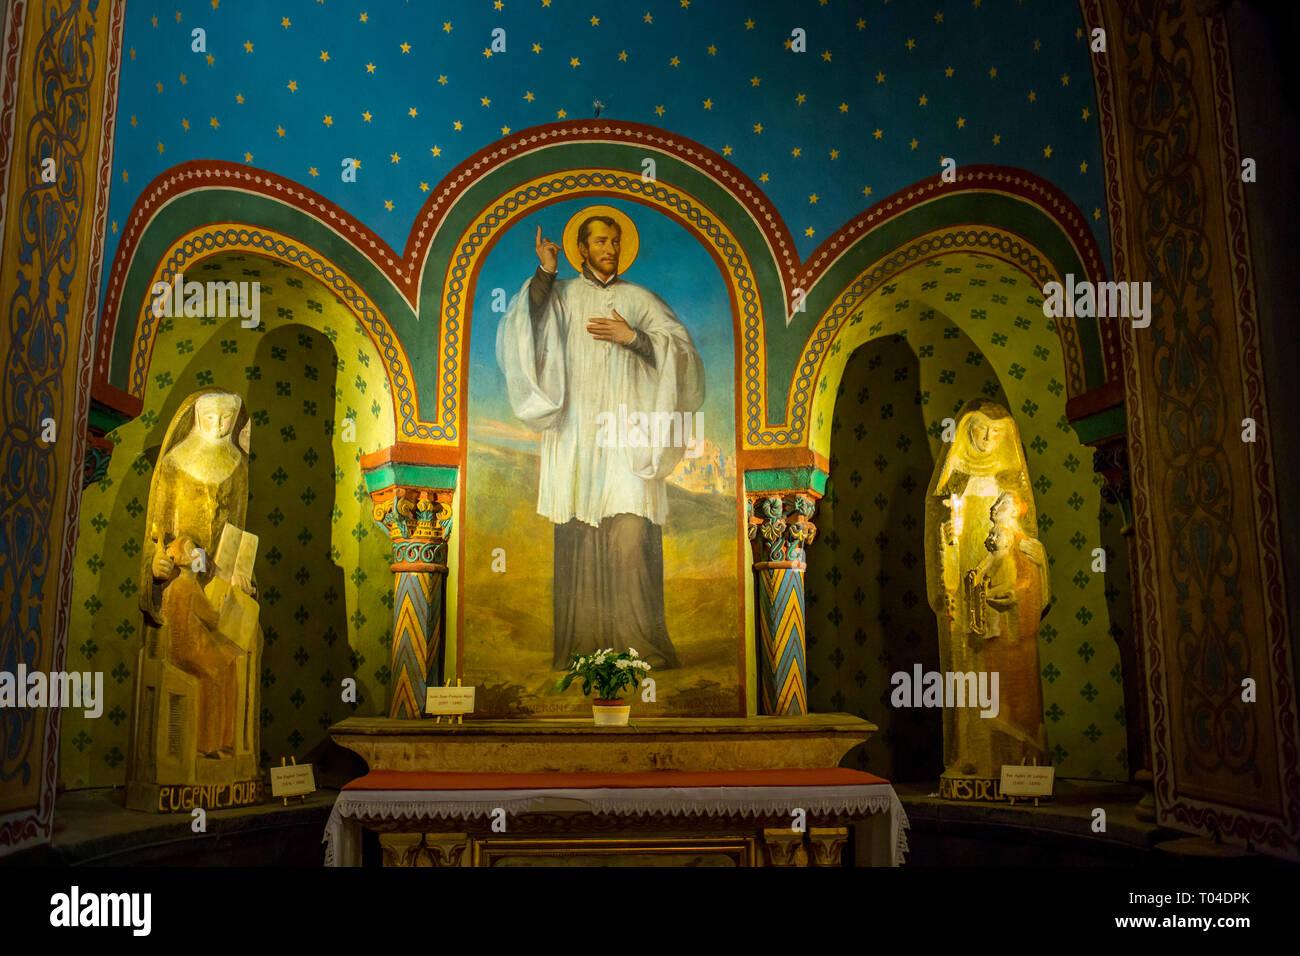 Gemälde von St. Francois Regis und Statuen von Eugenie Jaubert und Agnes de Langeac in der Kathedrale Notre Dame du Puy in Le Puy-en-Velay in Frankreich Stockbild